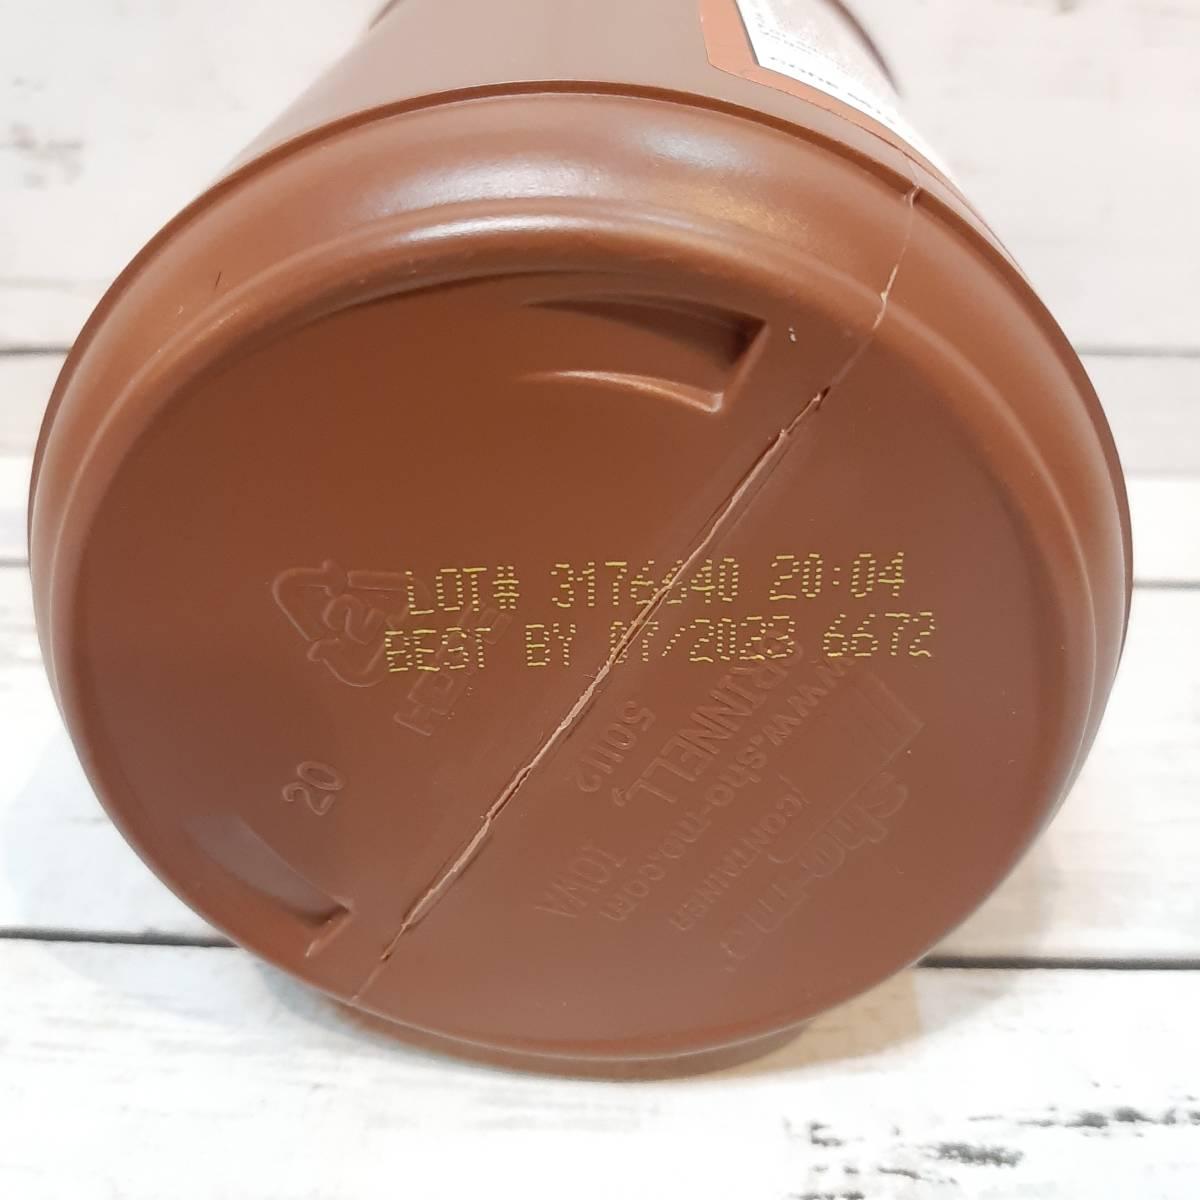 【新品・即決・送料込】 ココアラバーズ Cocoa Lovers 340g 純ココア 100% パウダー 未使用 未開封品 | 全国送料無料 補償つき_画像2